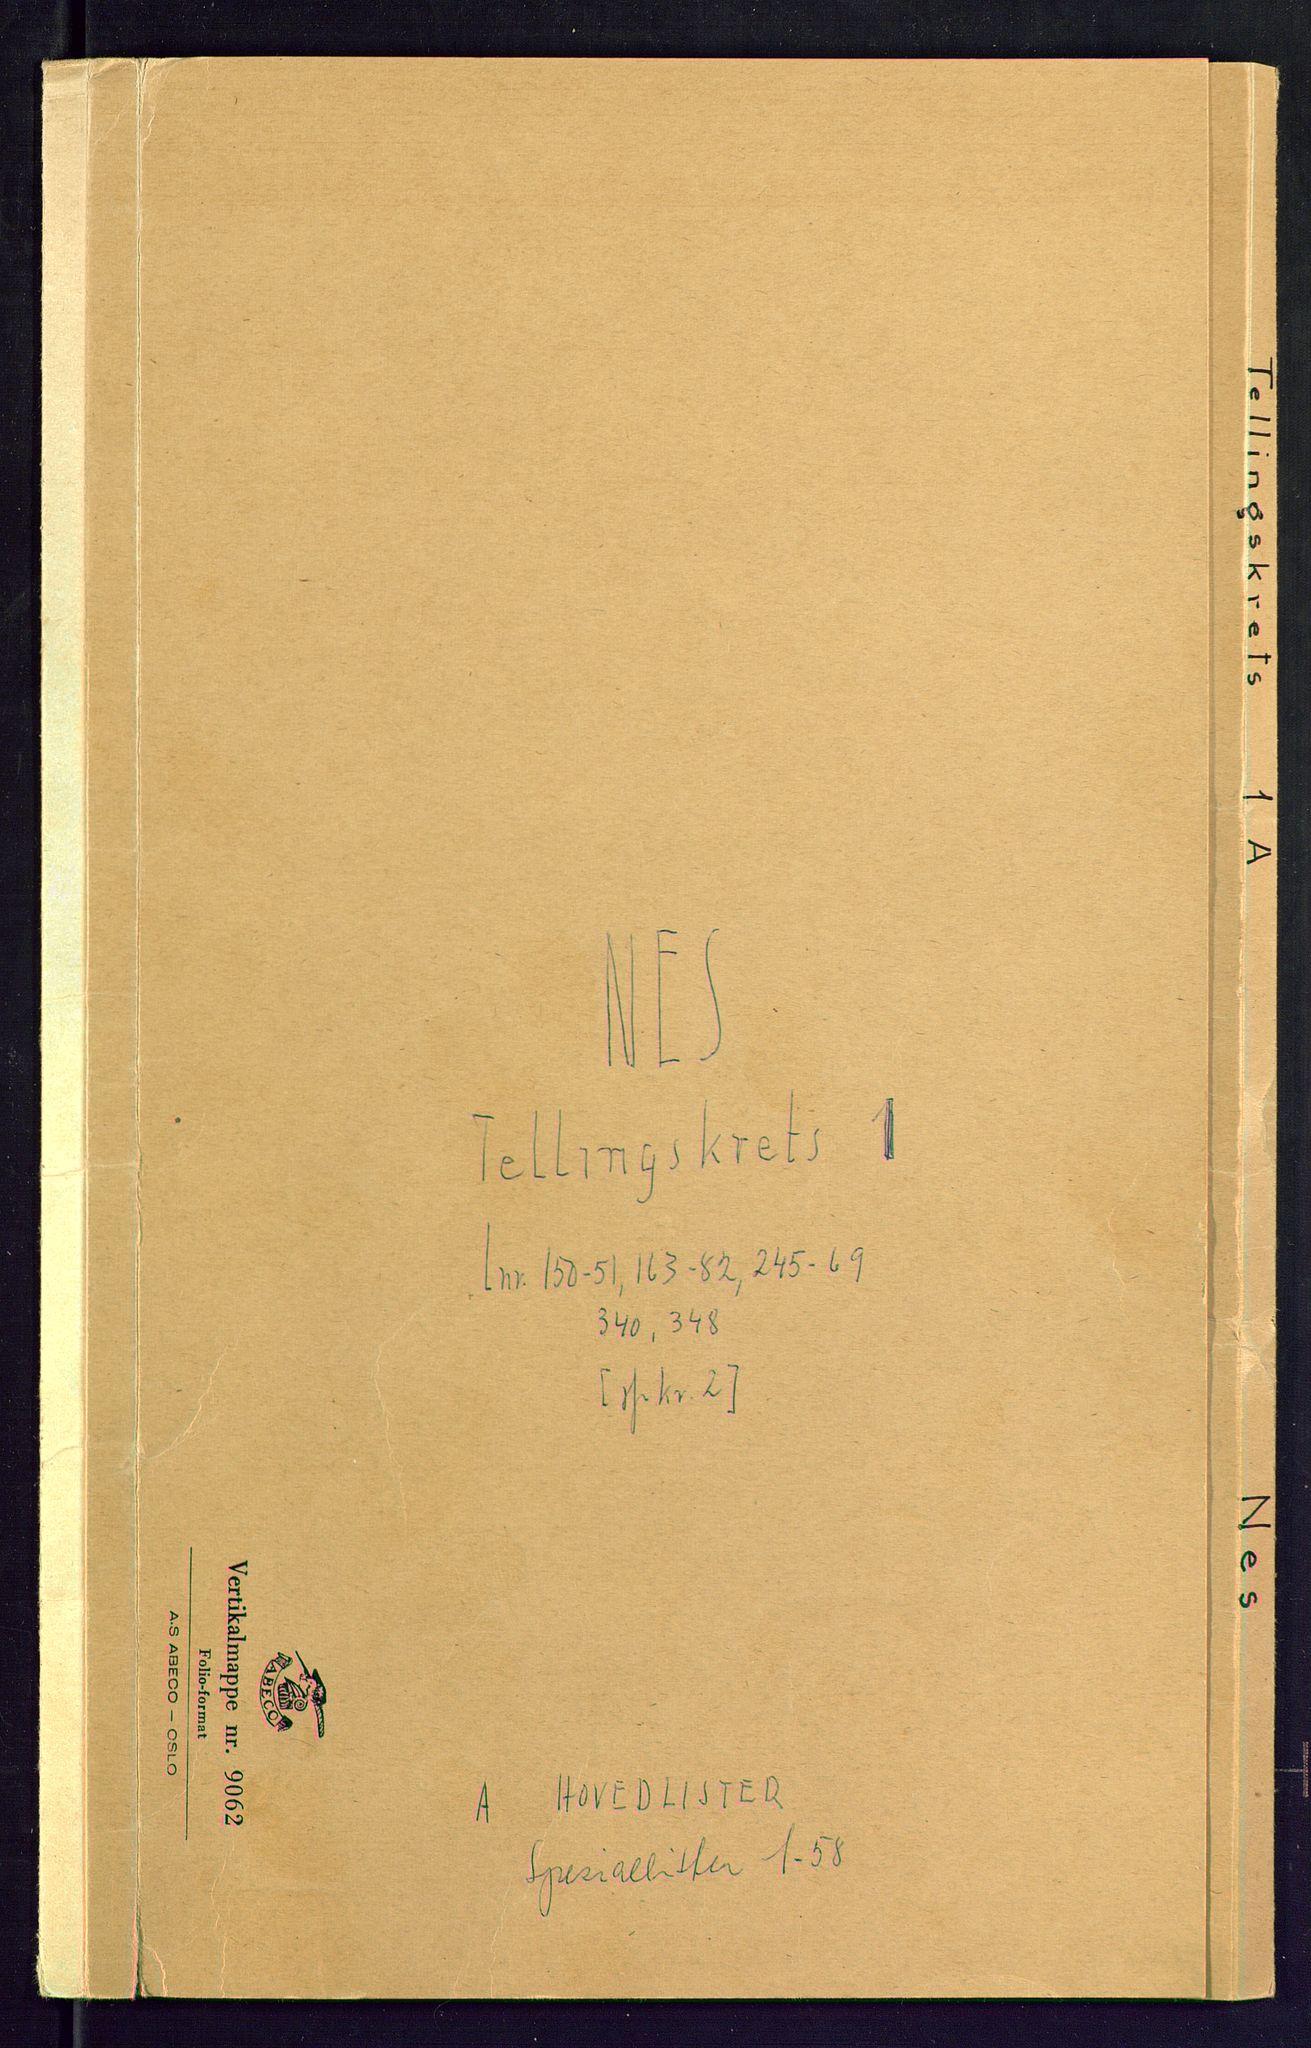 SAKO, Folketelling 1875 for 0616P Nes prestegjeld, 1875, s. 1